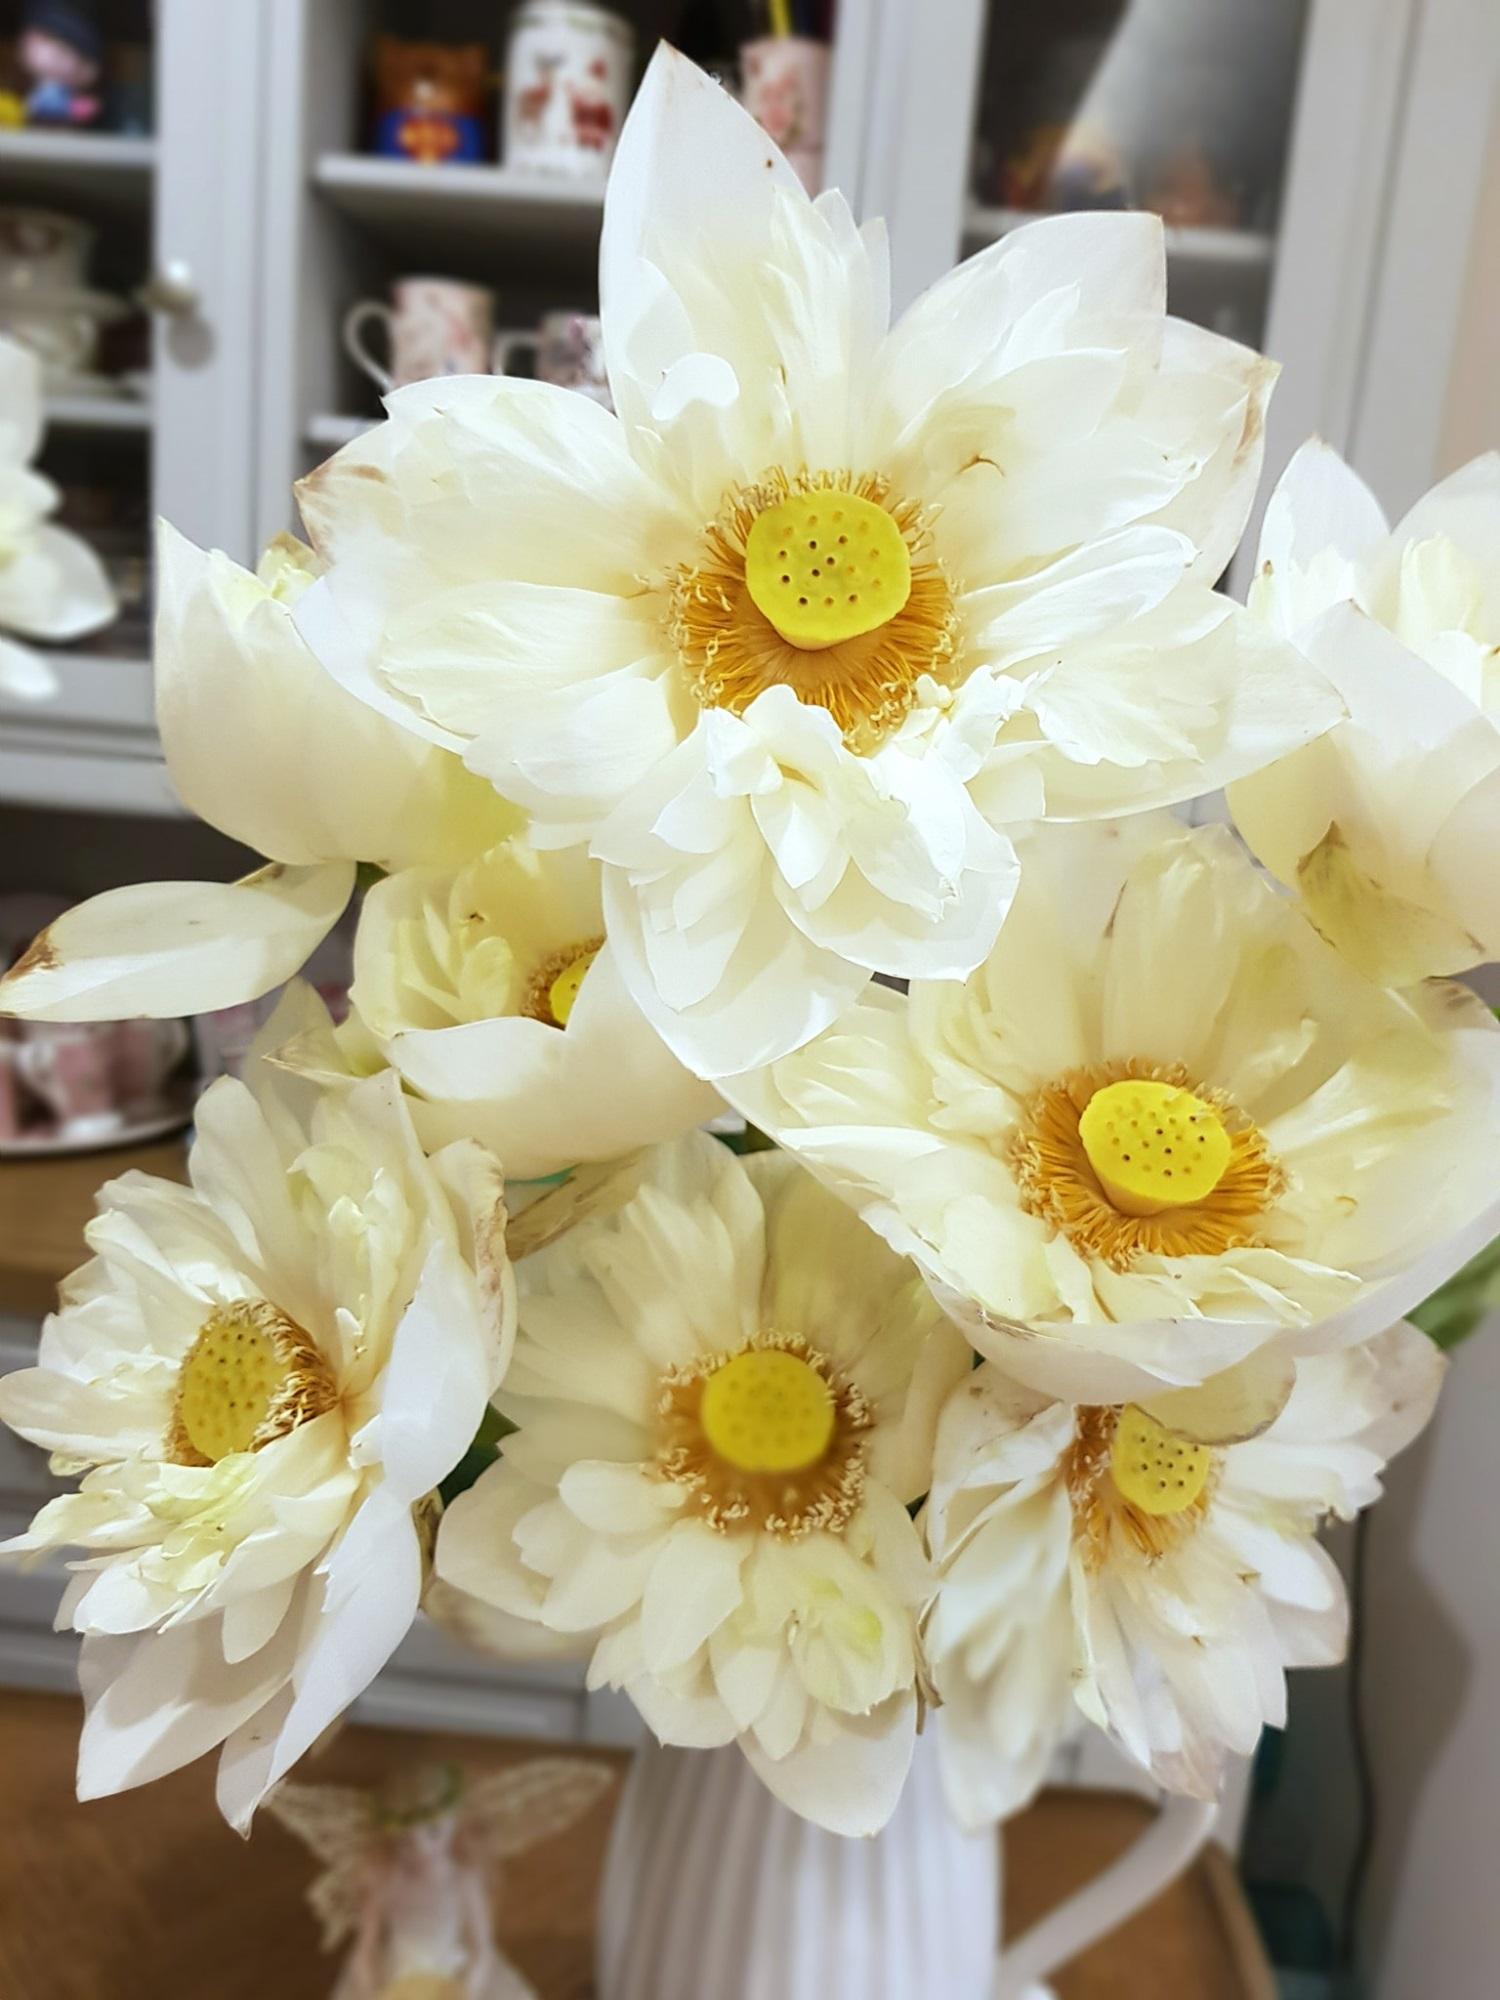 Cô gái Hà Nội tung bí kíp 'níu giữ' vẻ đẹp bạch liên hoa trọn vẹn trong 3 ngày, nhìn bình sen nở rộ mà u mê con mắt - Ảnh 5